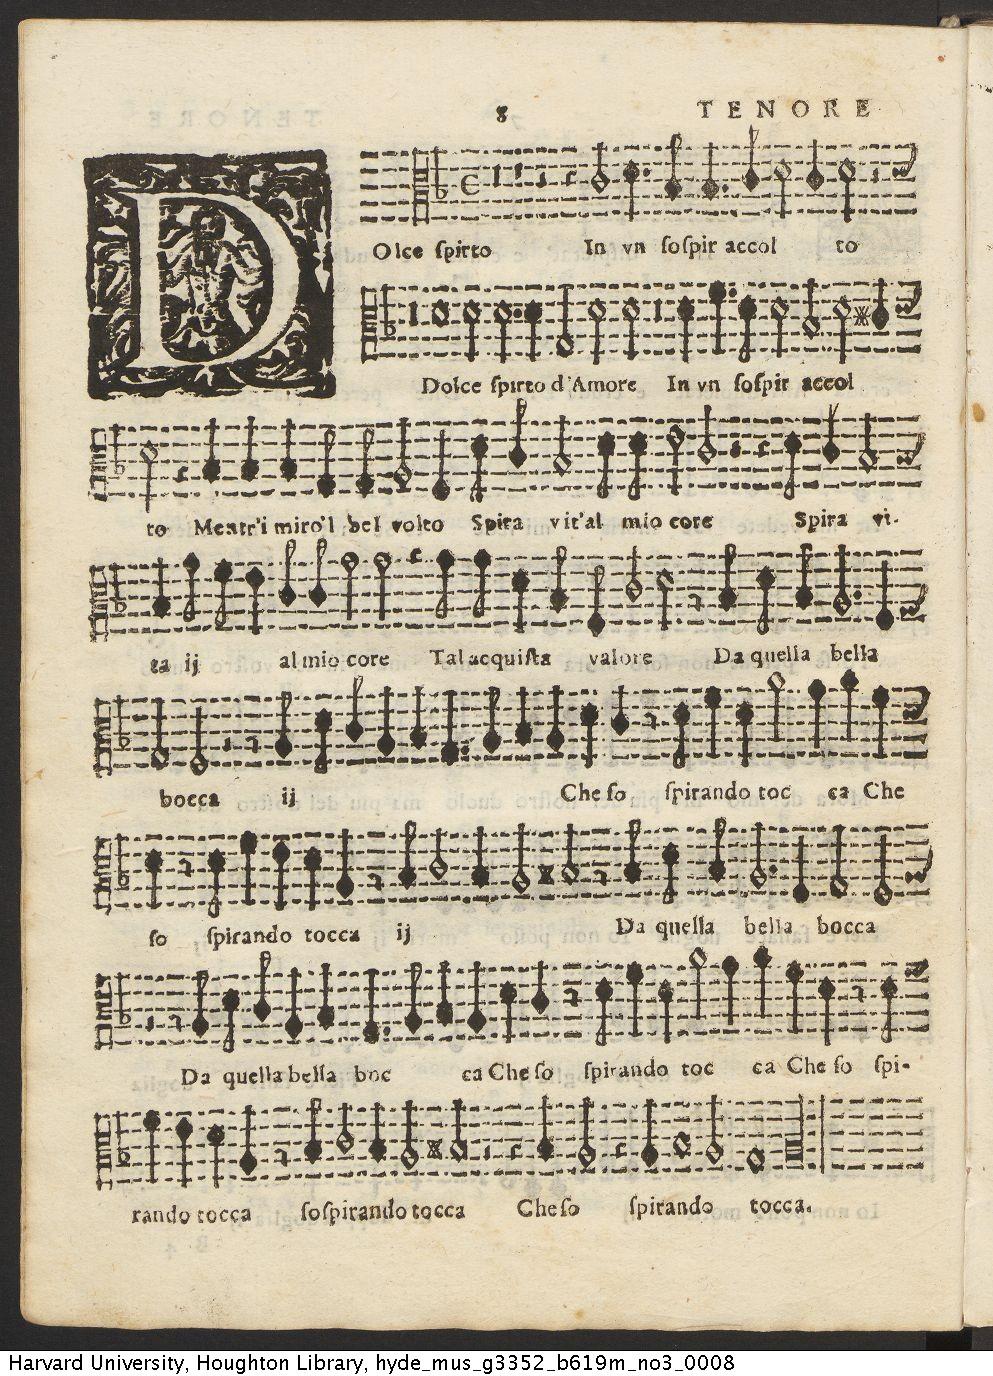 Gesualdo, Carlo, principe di Venosa, ca. 1560-1613. Madrigali a cinqve voci. Del venosa. Libro terzo. In Venetia, Stampa del Gardano, Appresso Bartholomeo Magni. MDCXIX. Mus G3352 B619m